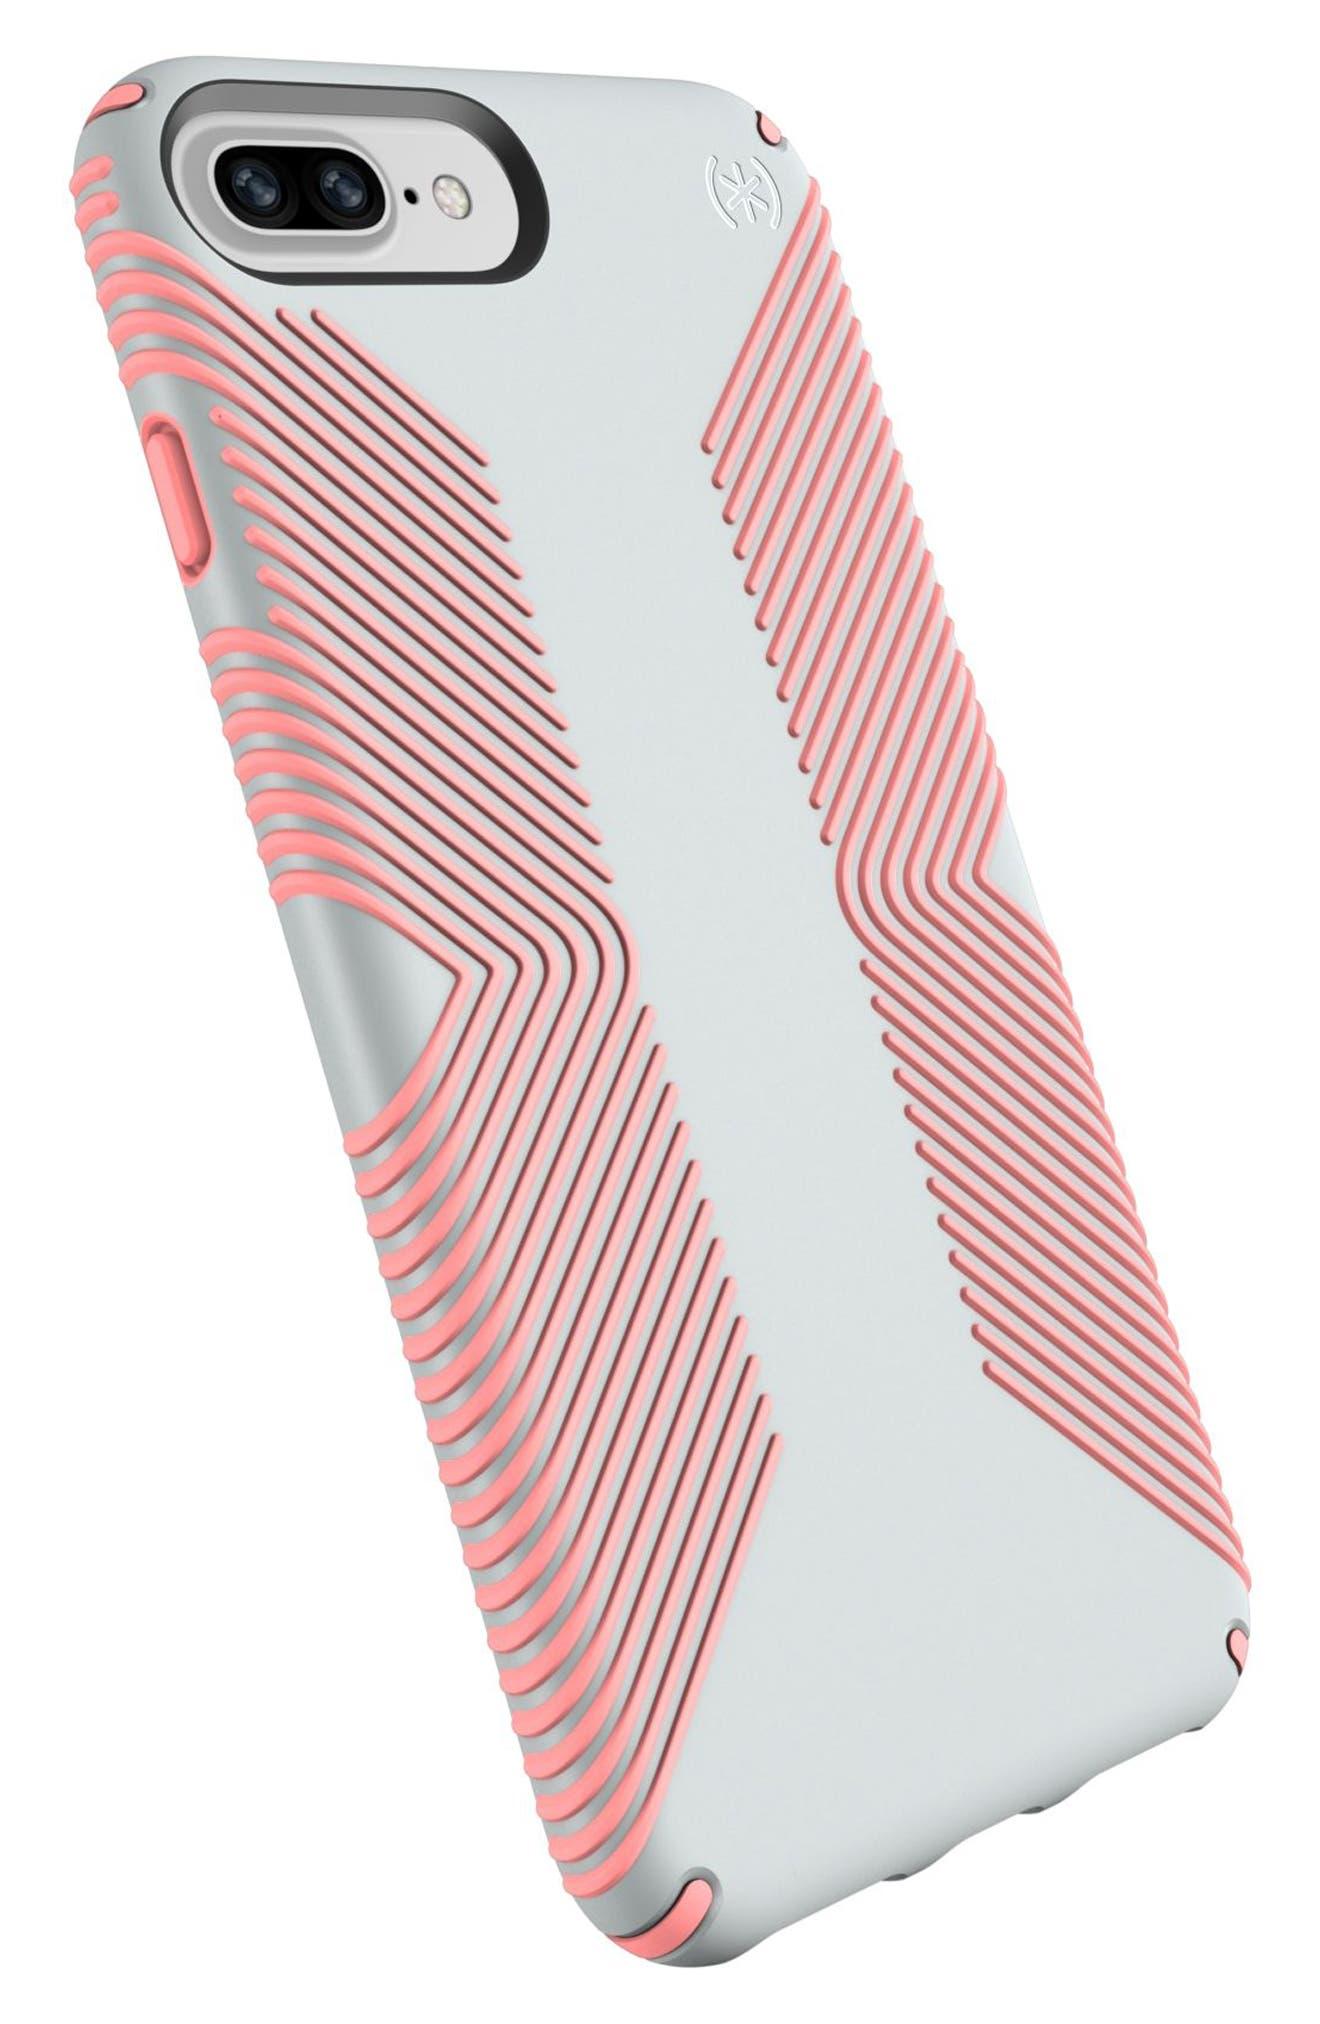 Grip iPhone 6/6s/7/8 Plus Case,                             Alternate thumbnail 8, color,                             020